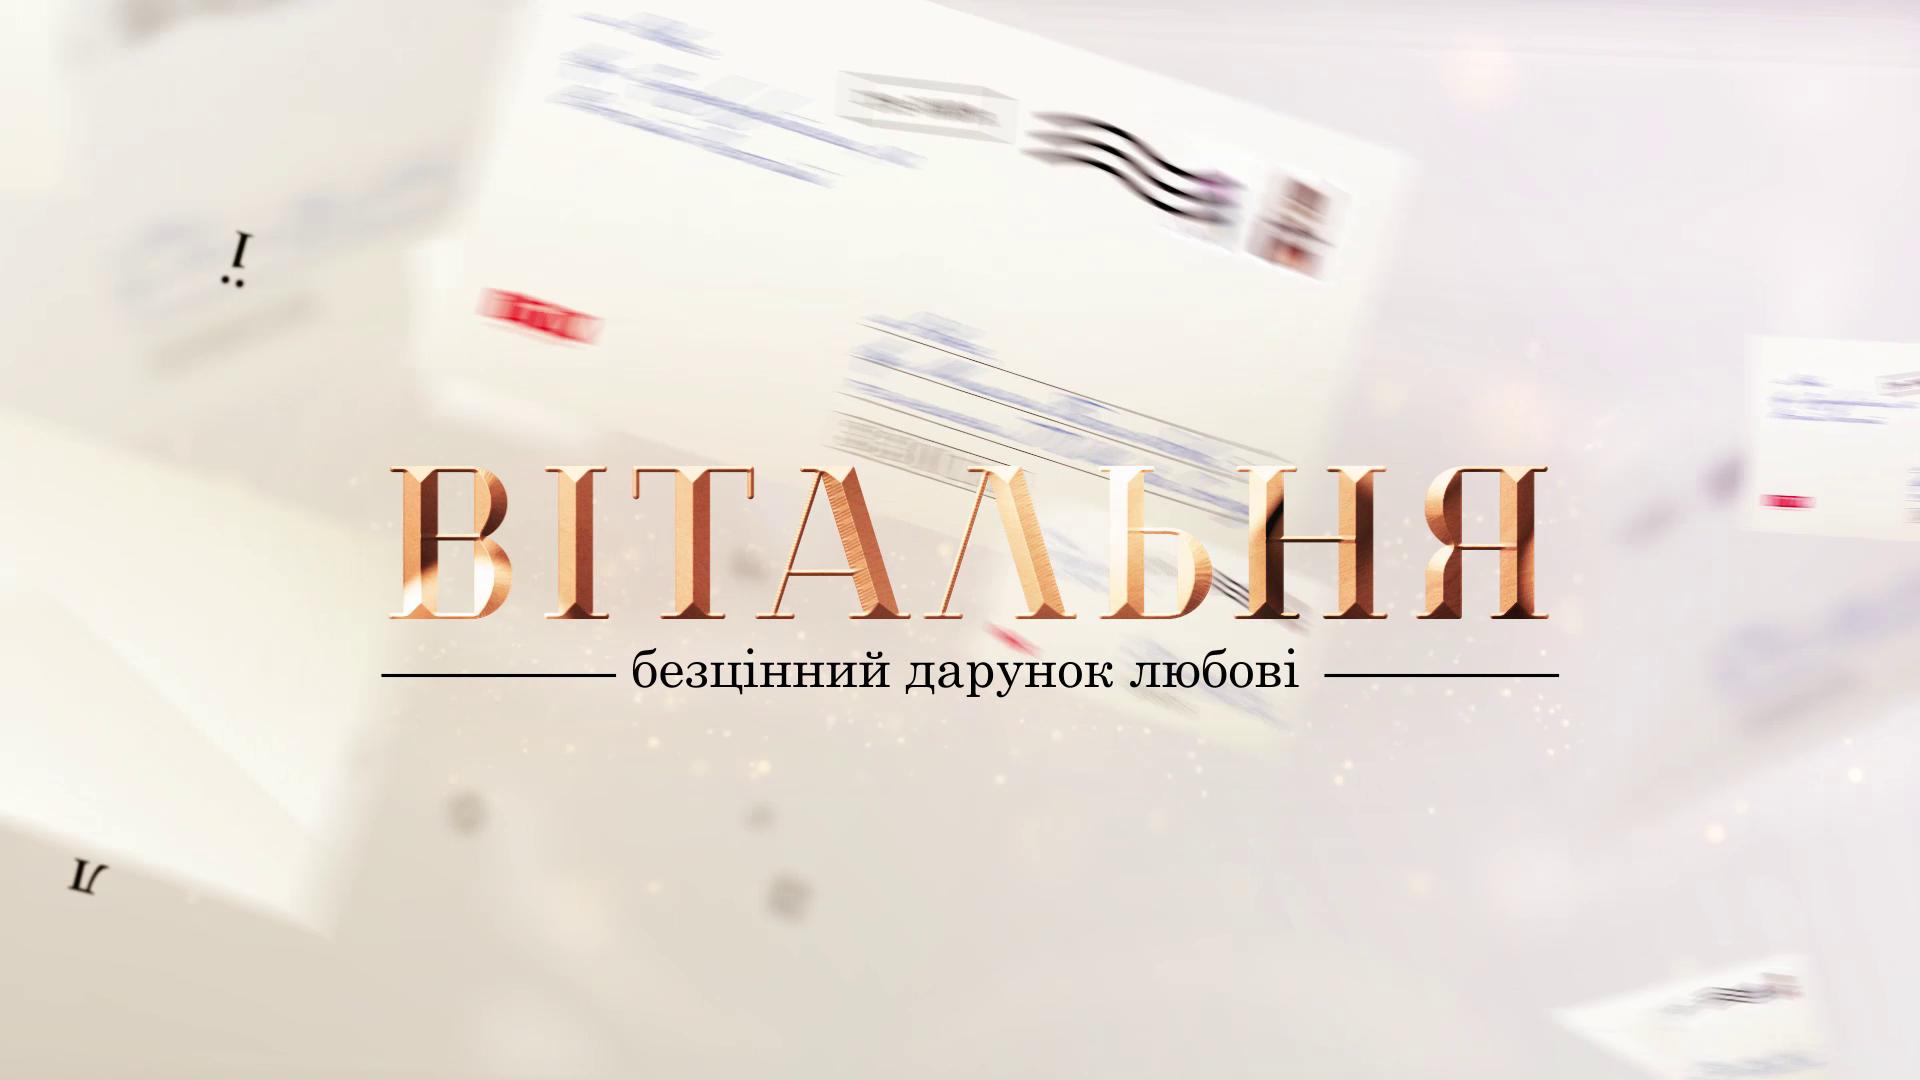 Вітальня (випуск від 21 квітня 2021 року)